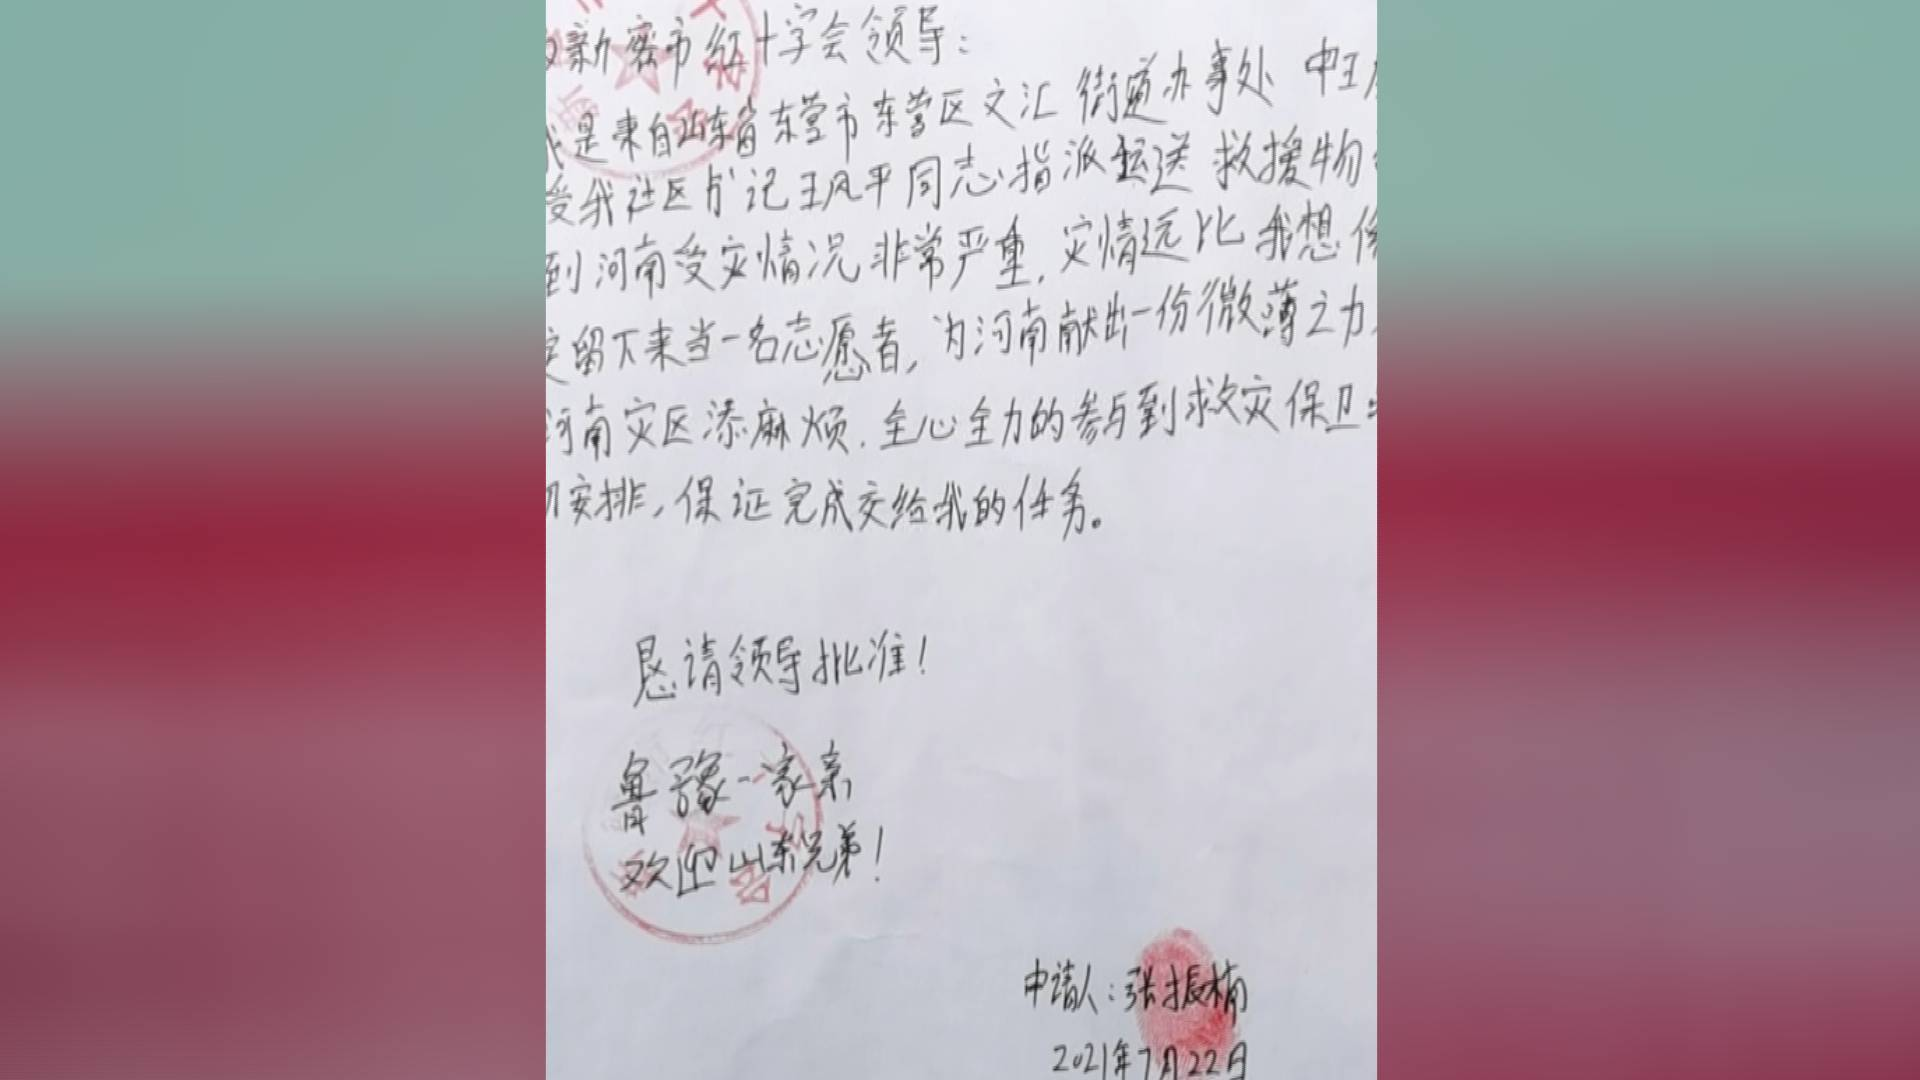 """东营小伙带物资驰援写下""""请战书"""" 河南回复:欢迎山东兄弟"""